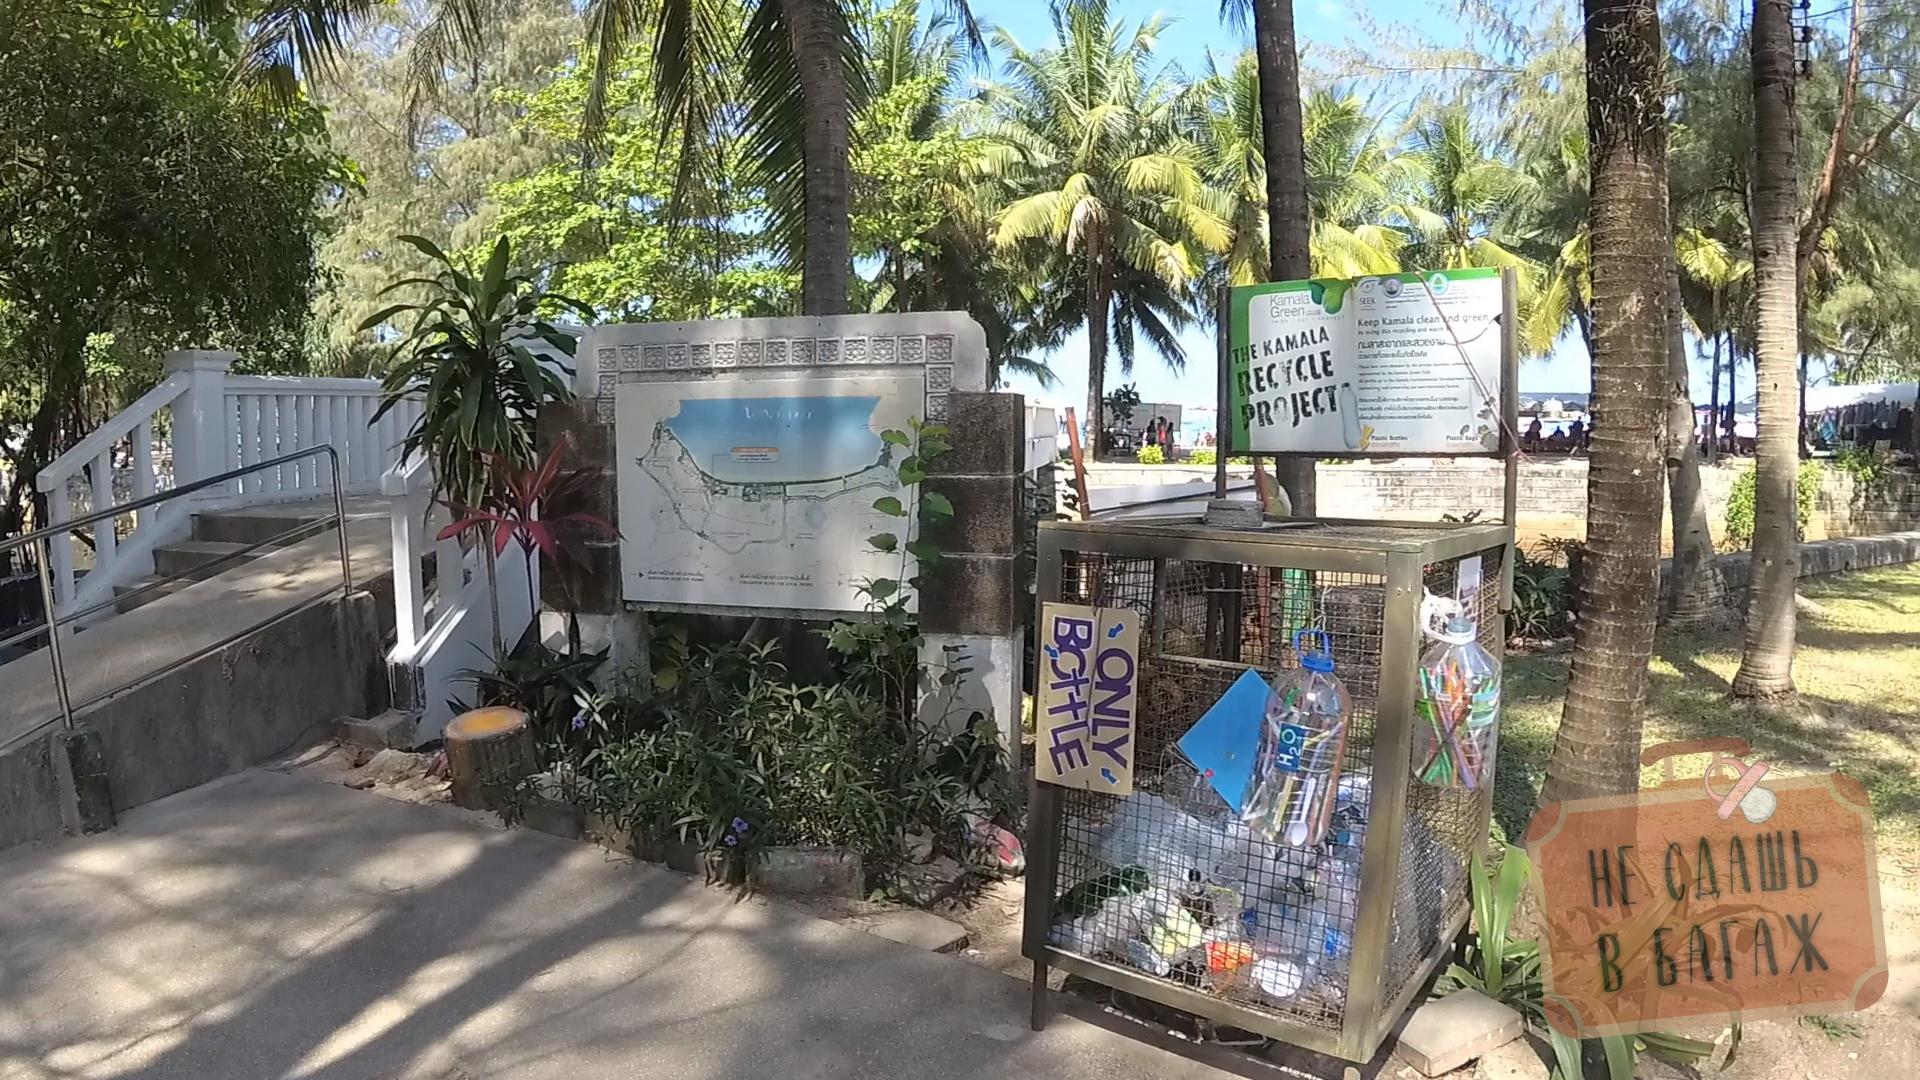 Пляж Камала - отдельный ящик для сбора пластика